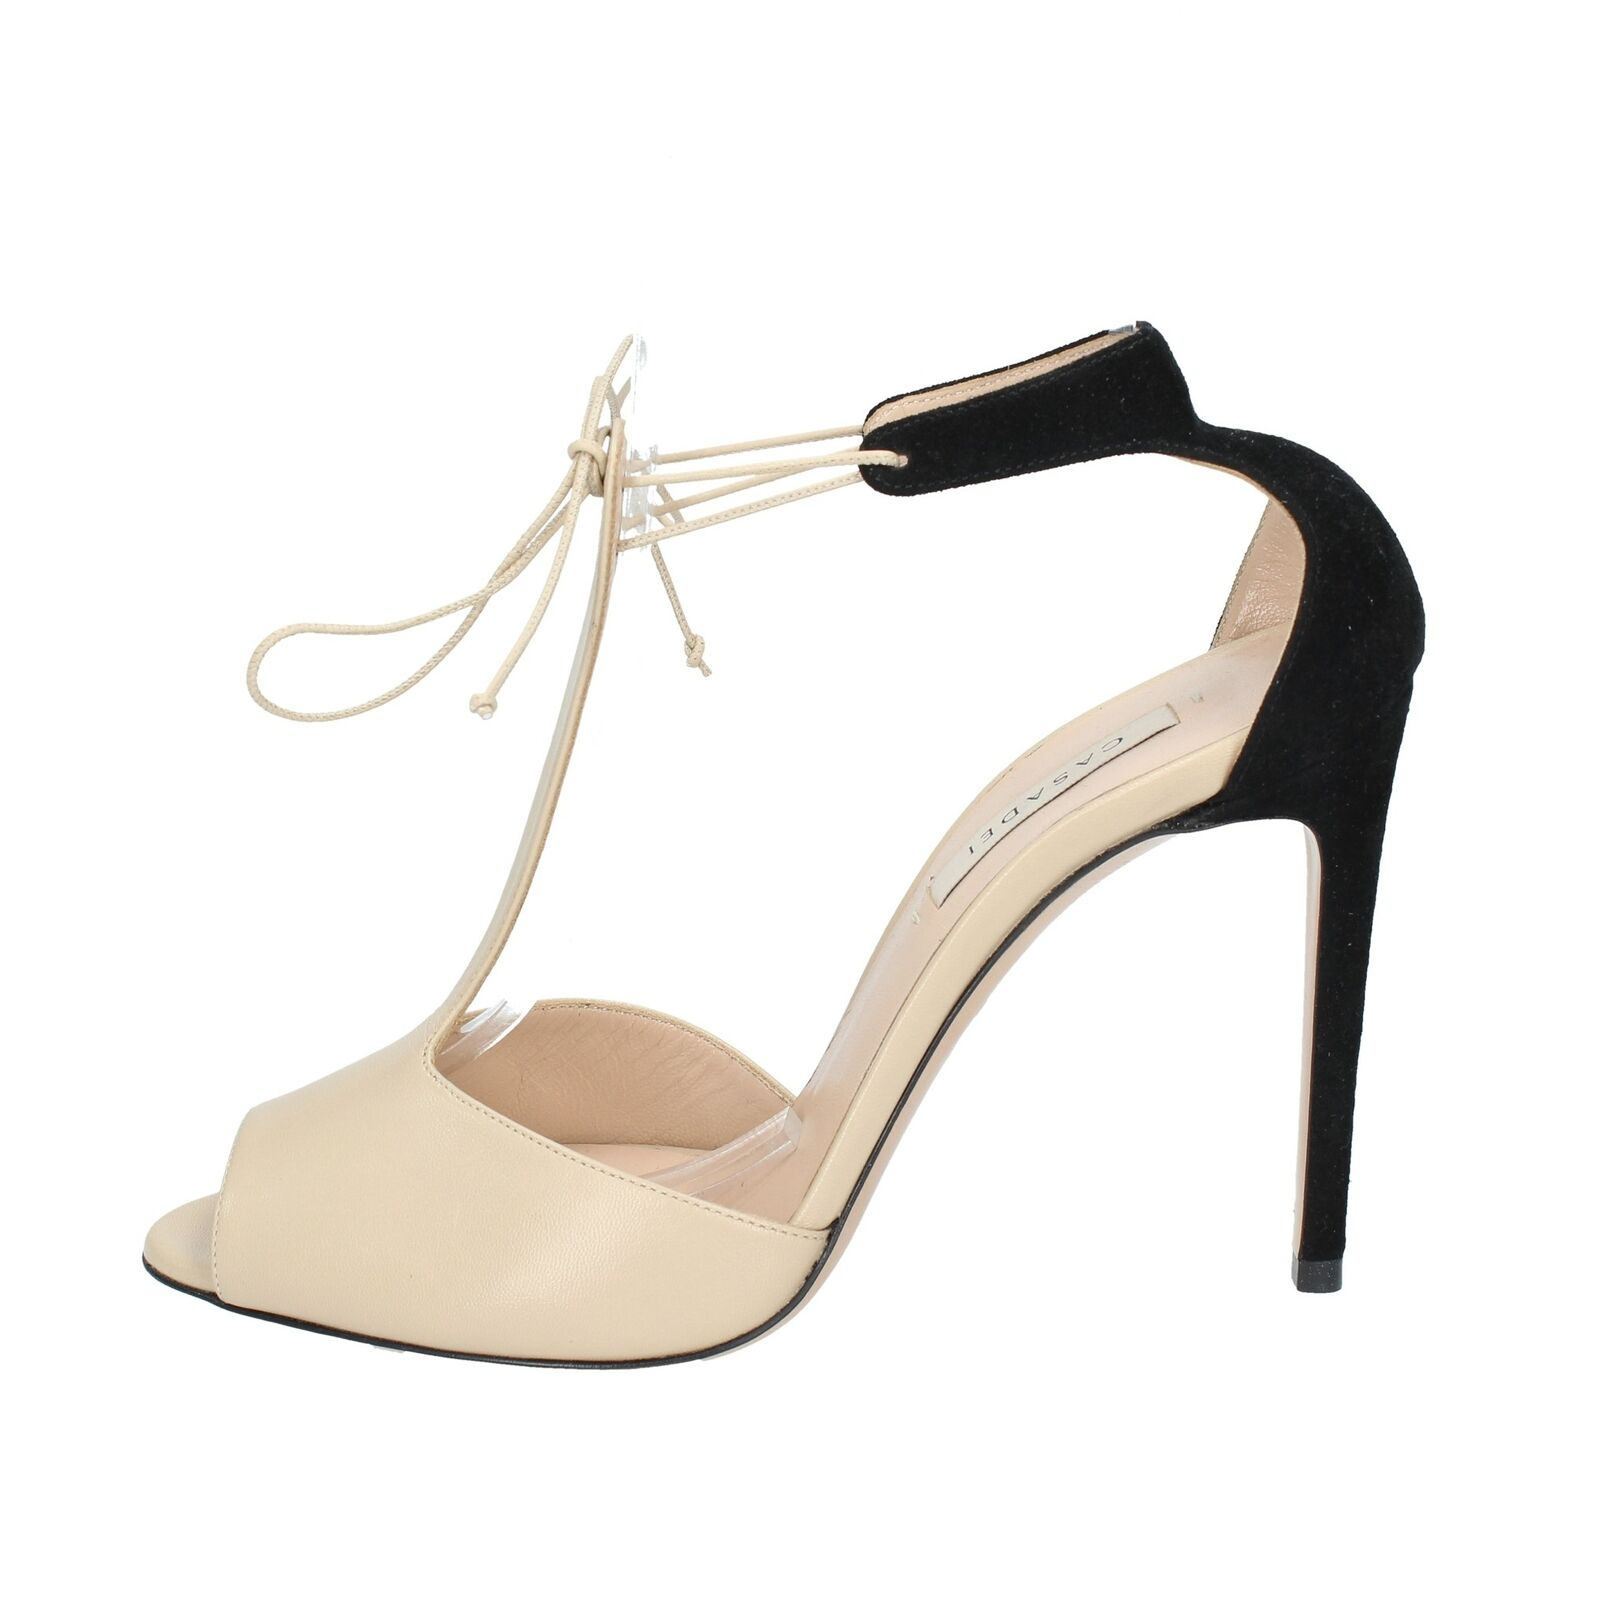 Tv3707 Womens Sandals CASADEI 37 Womens Beige